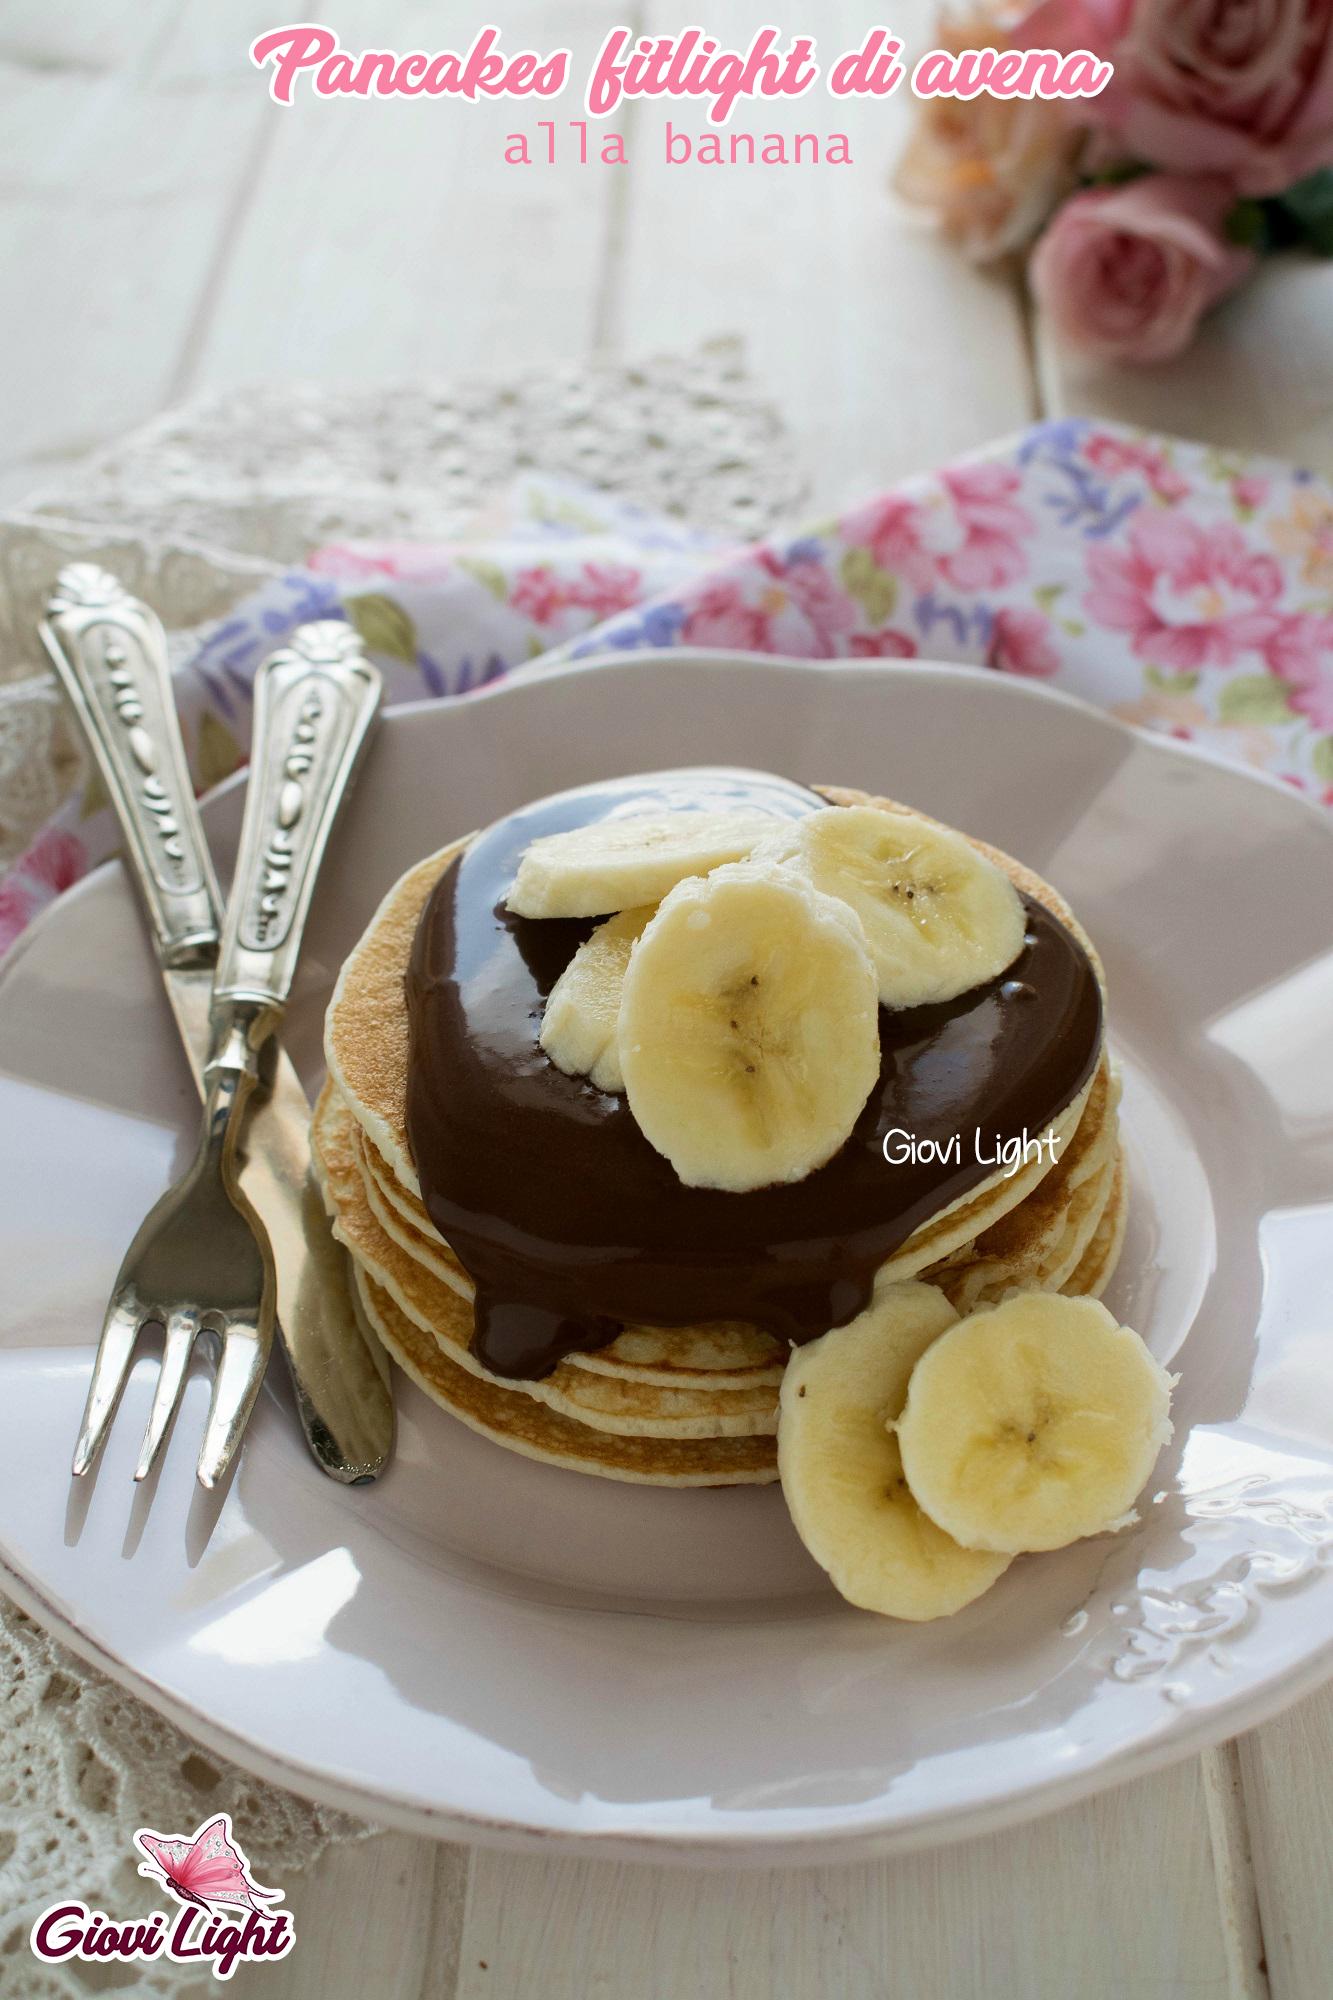 Pancakes fitlight di avena alla banana - senza grassi, zucchero e latticini